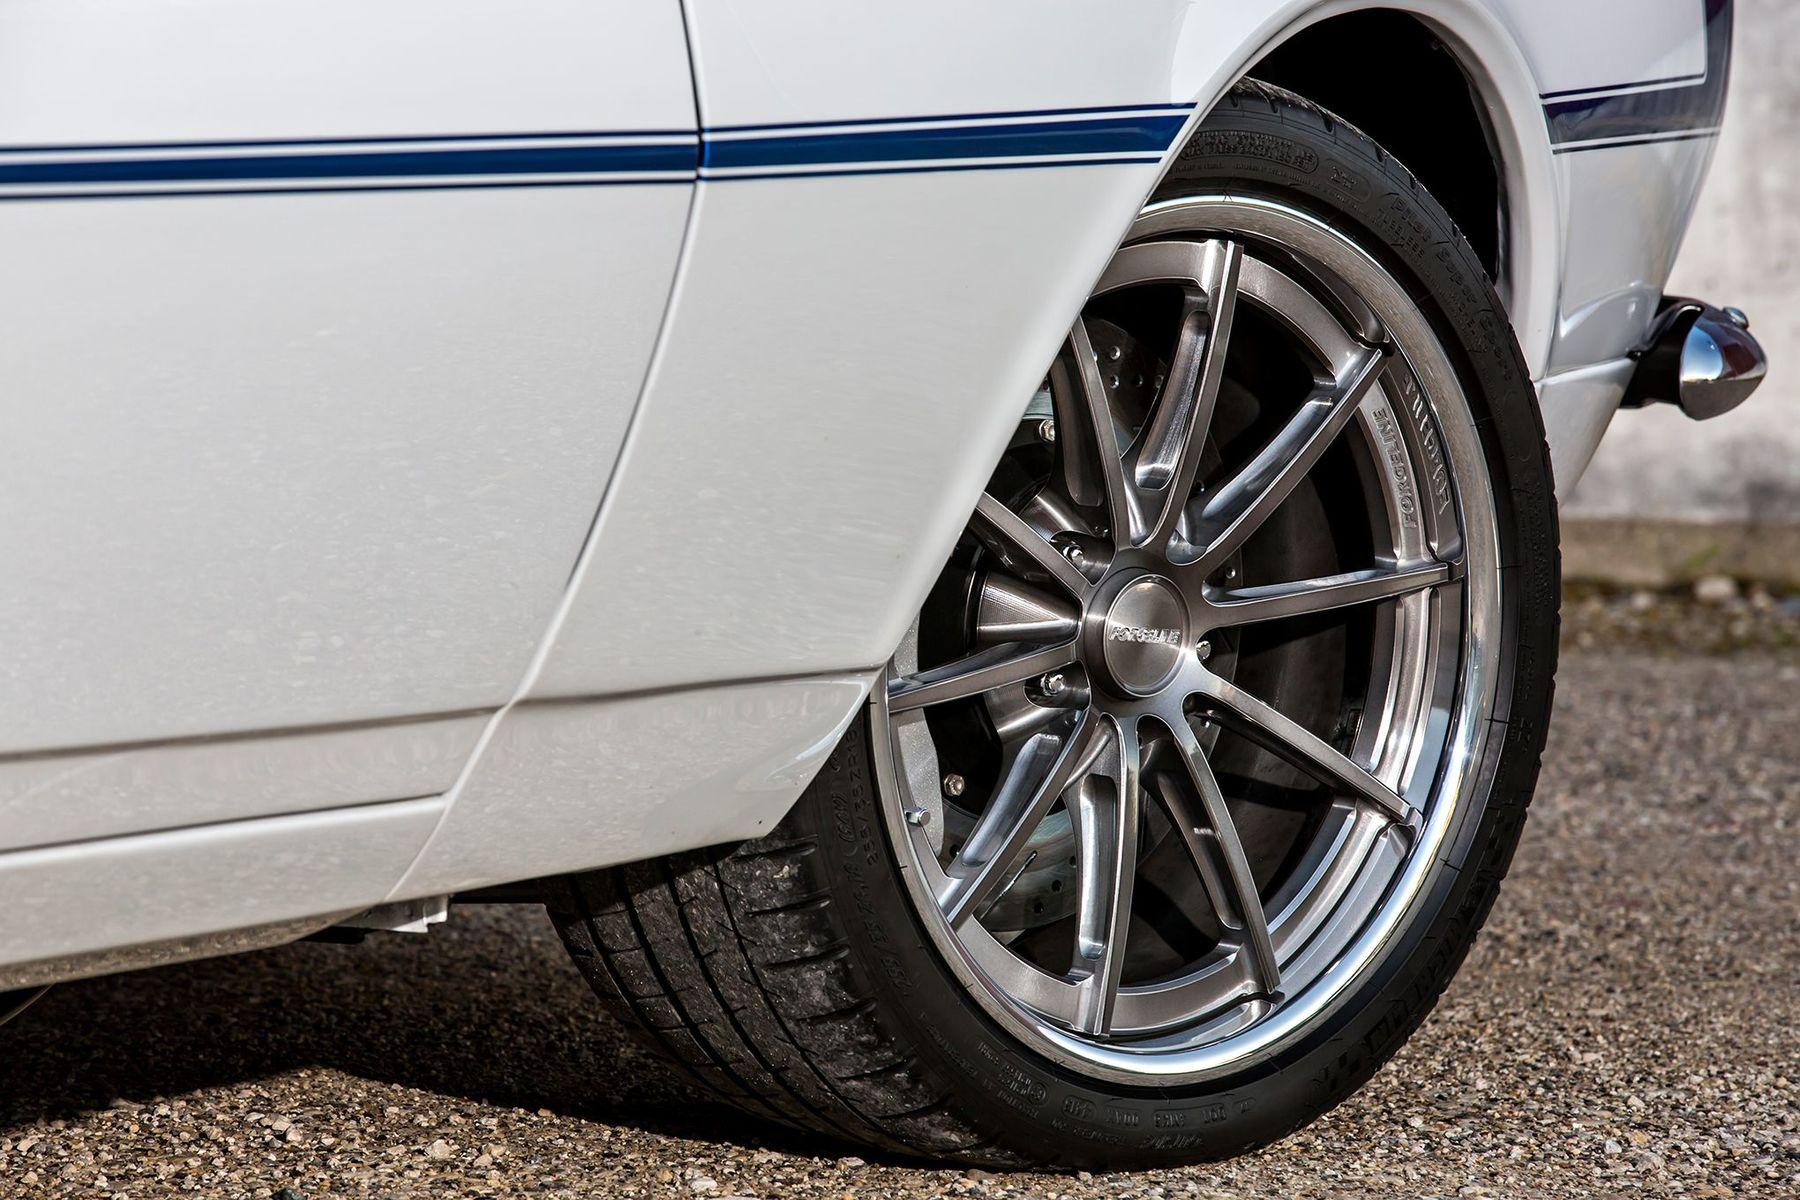 1968 Chevrolet Camaro | Brad Erickson's Schwartz Performance '68 Camaro on Forgeline GT3C Wheels